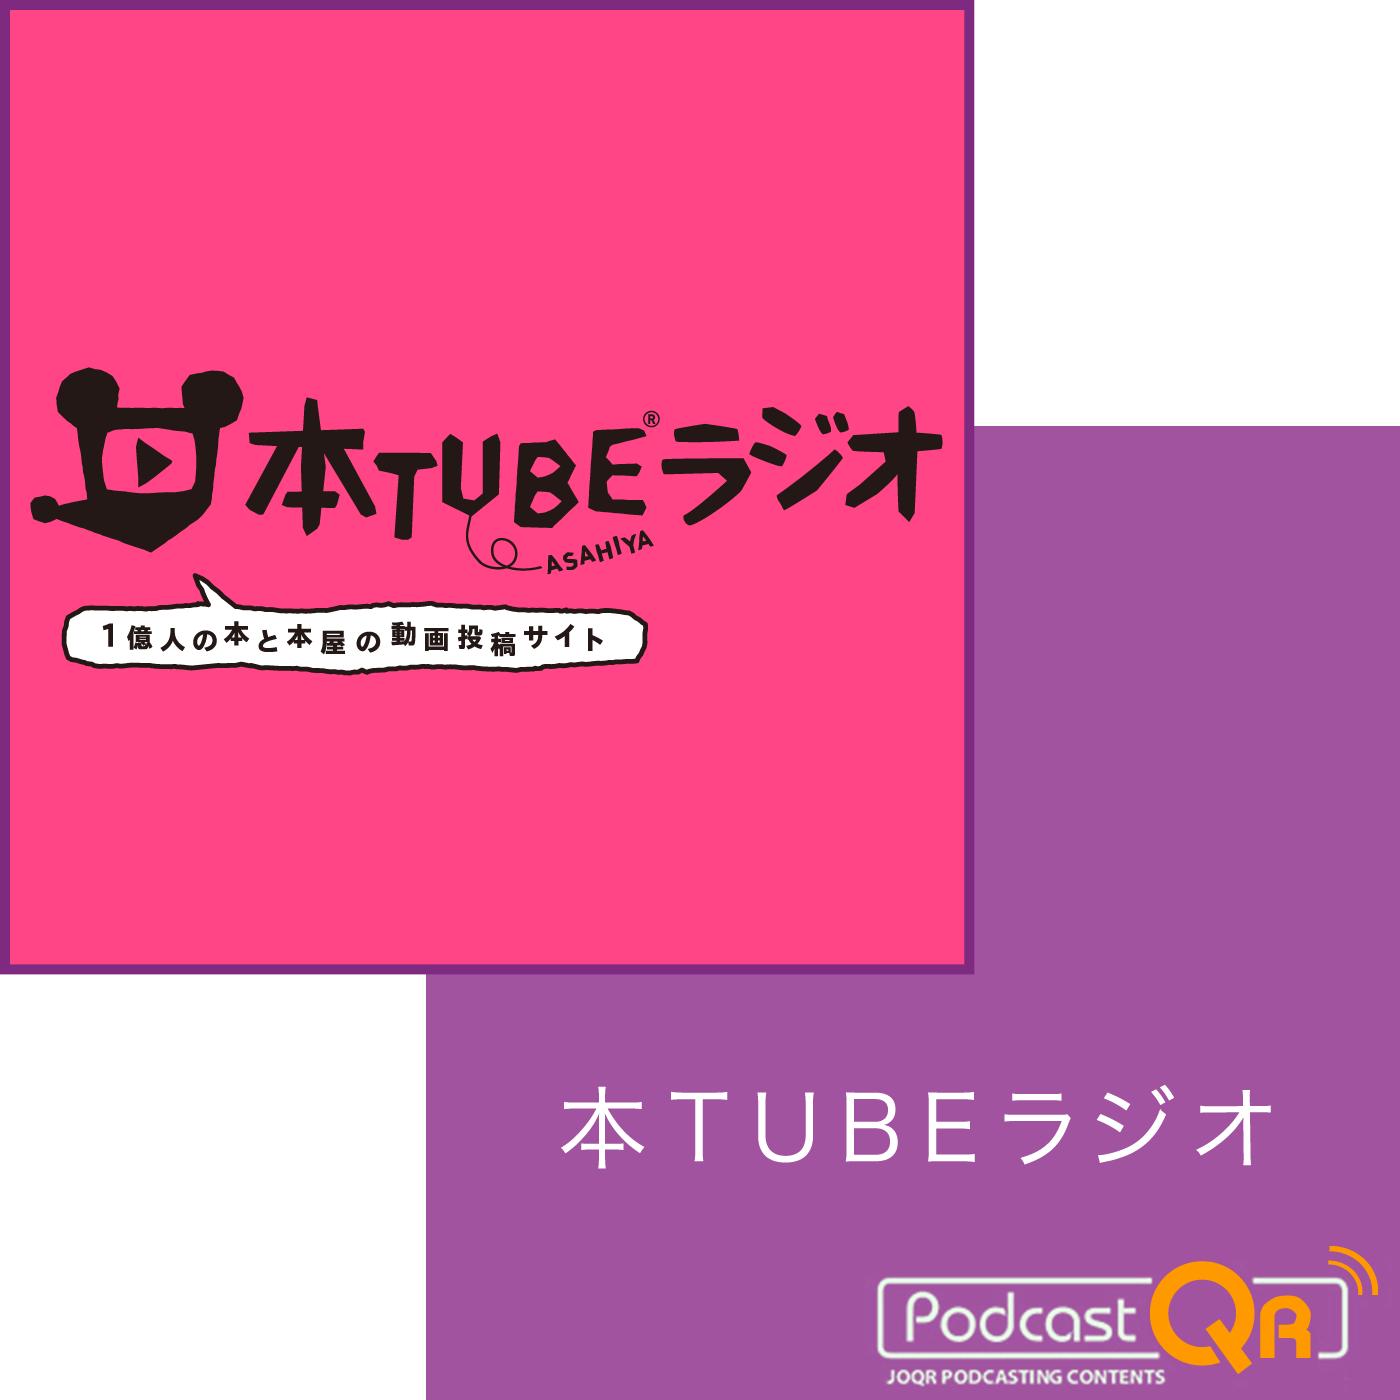 本TUBEラジオポッドキャスト